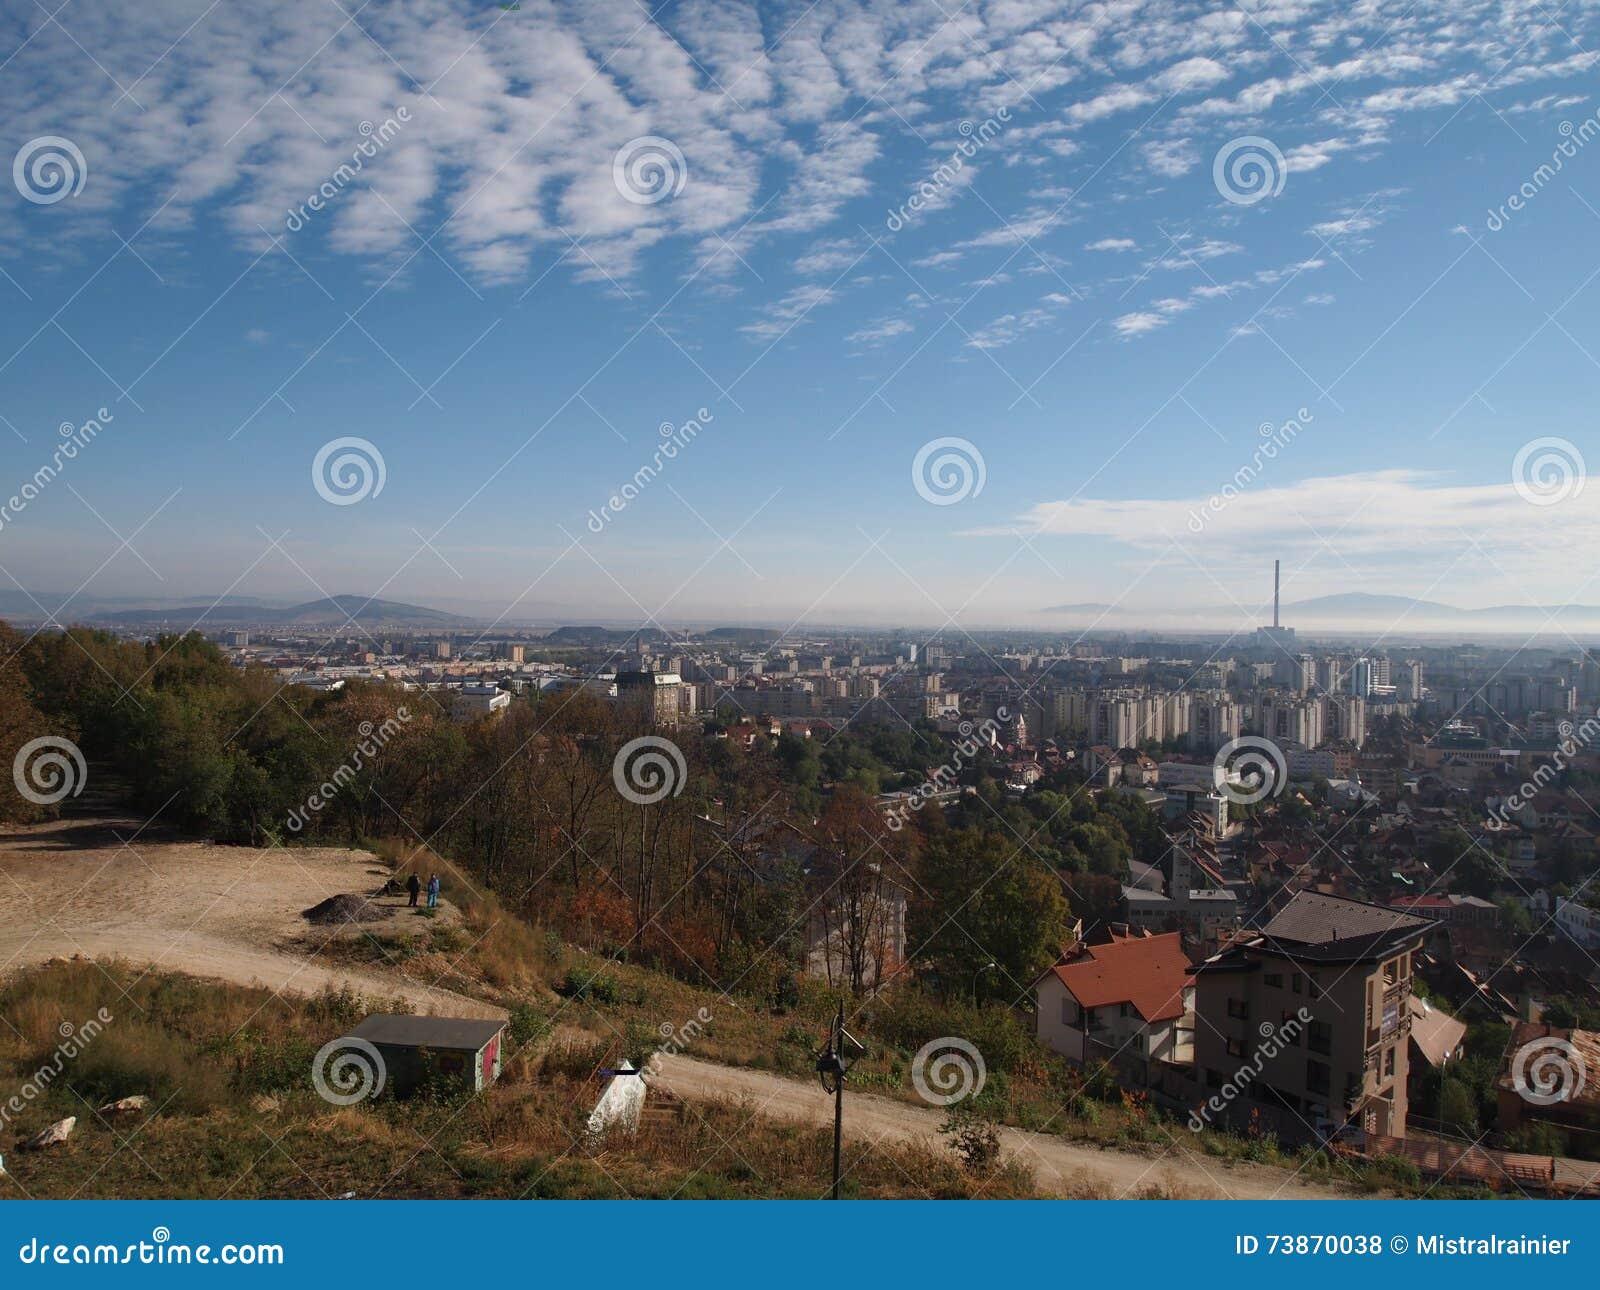 La vieille ville de la ville roumaine brasov